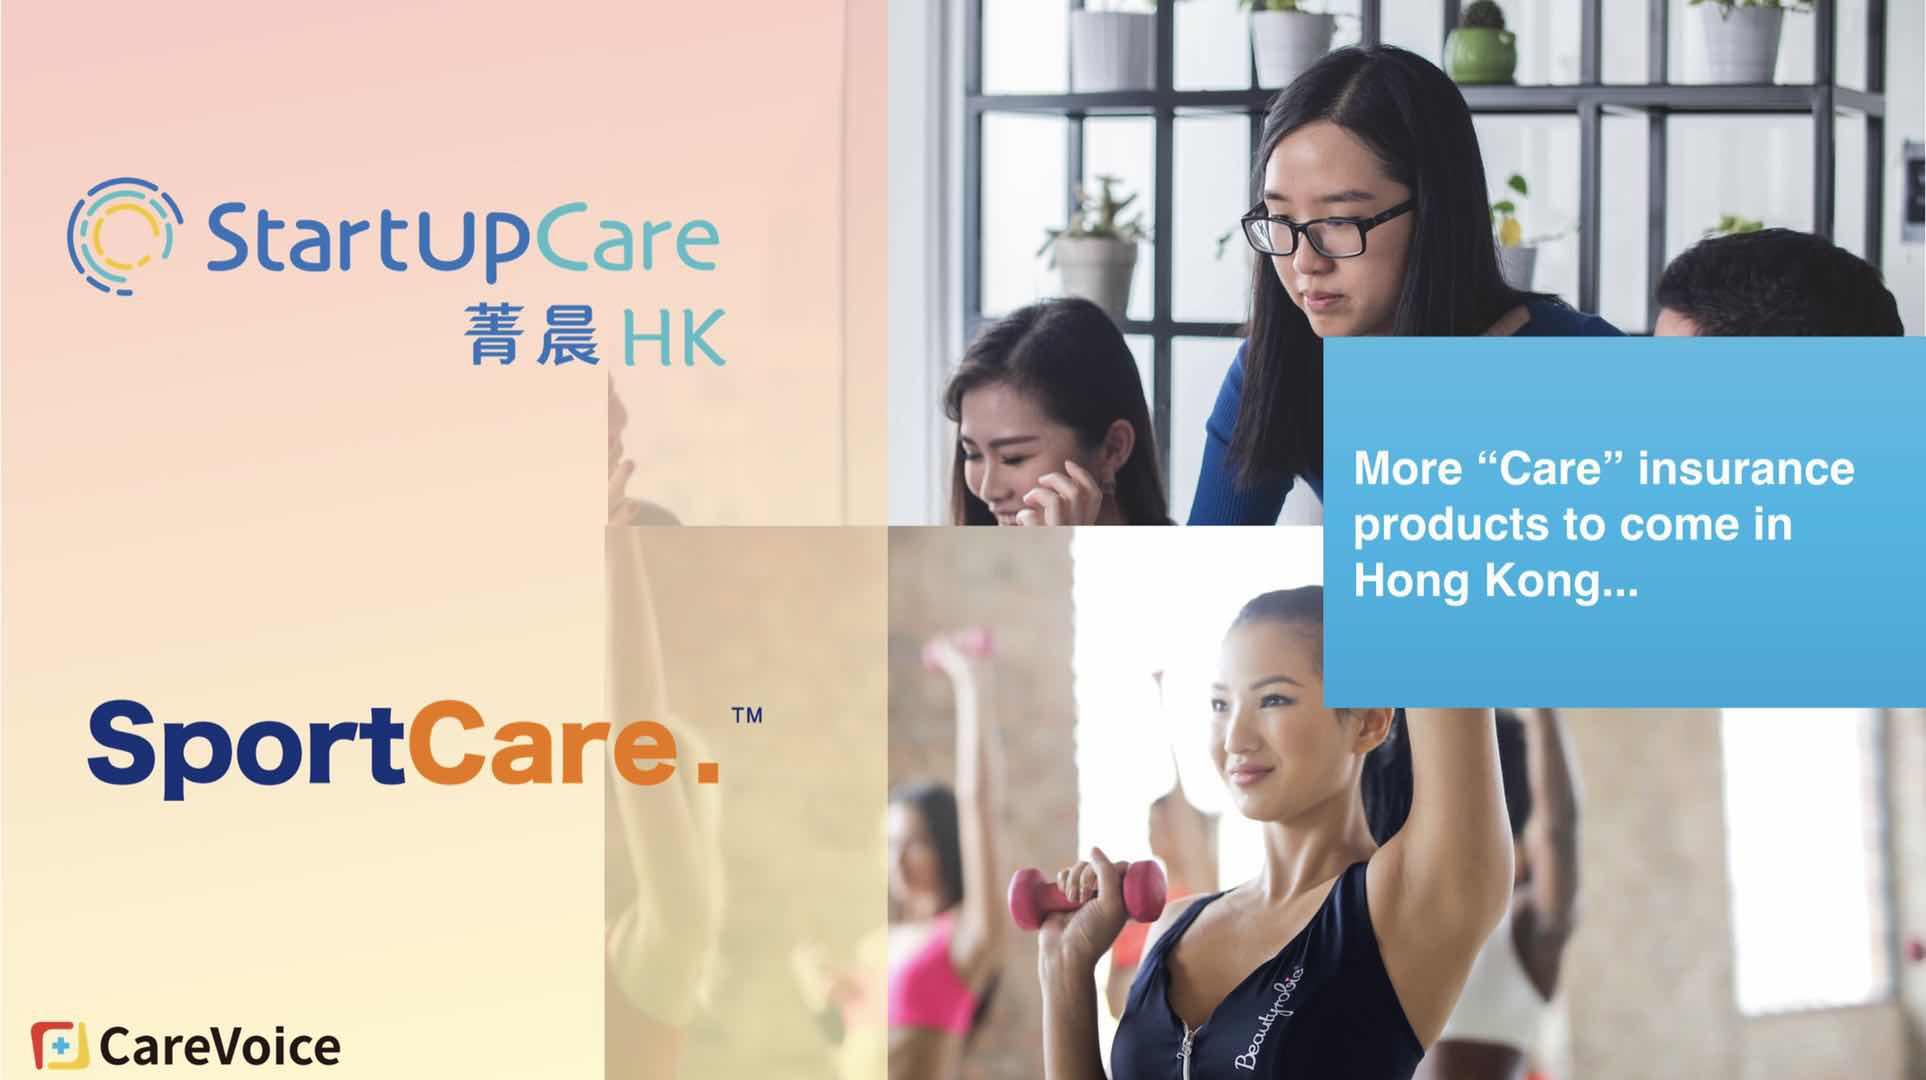 康語擴展香港市場「Care」系列醫保產品開拓新興市場